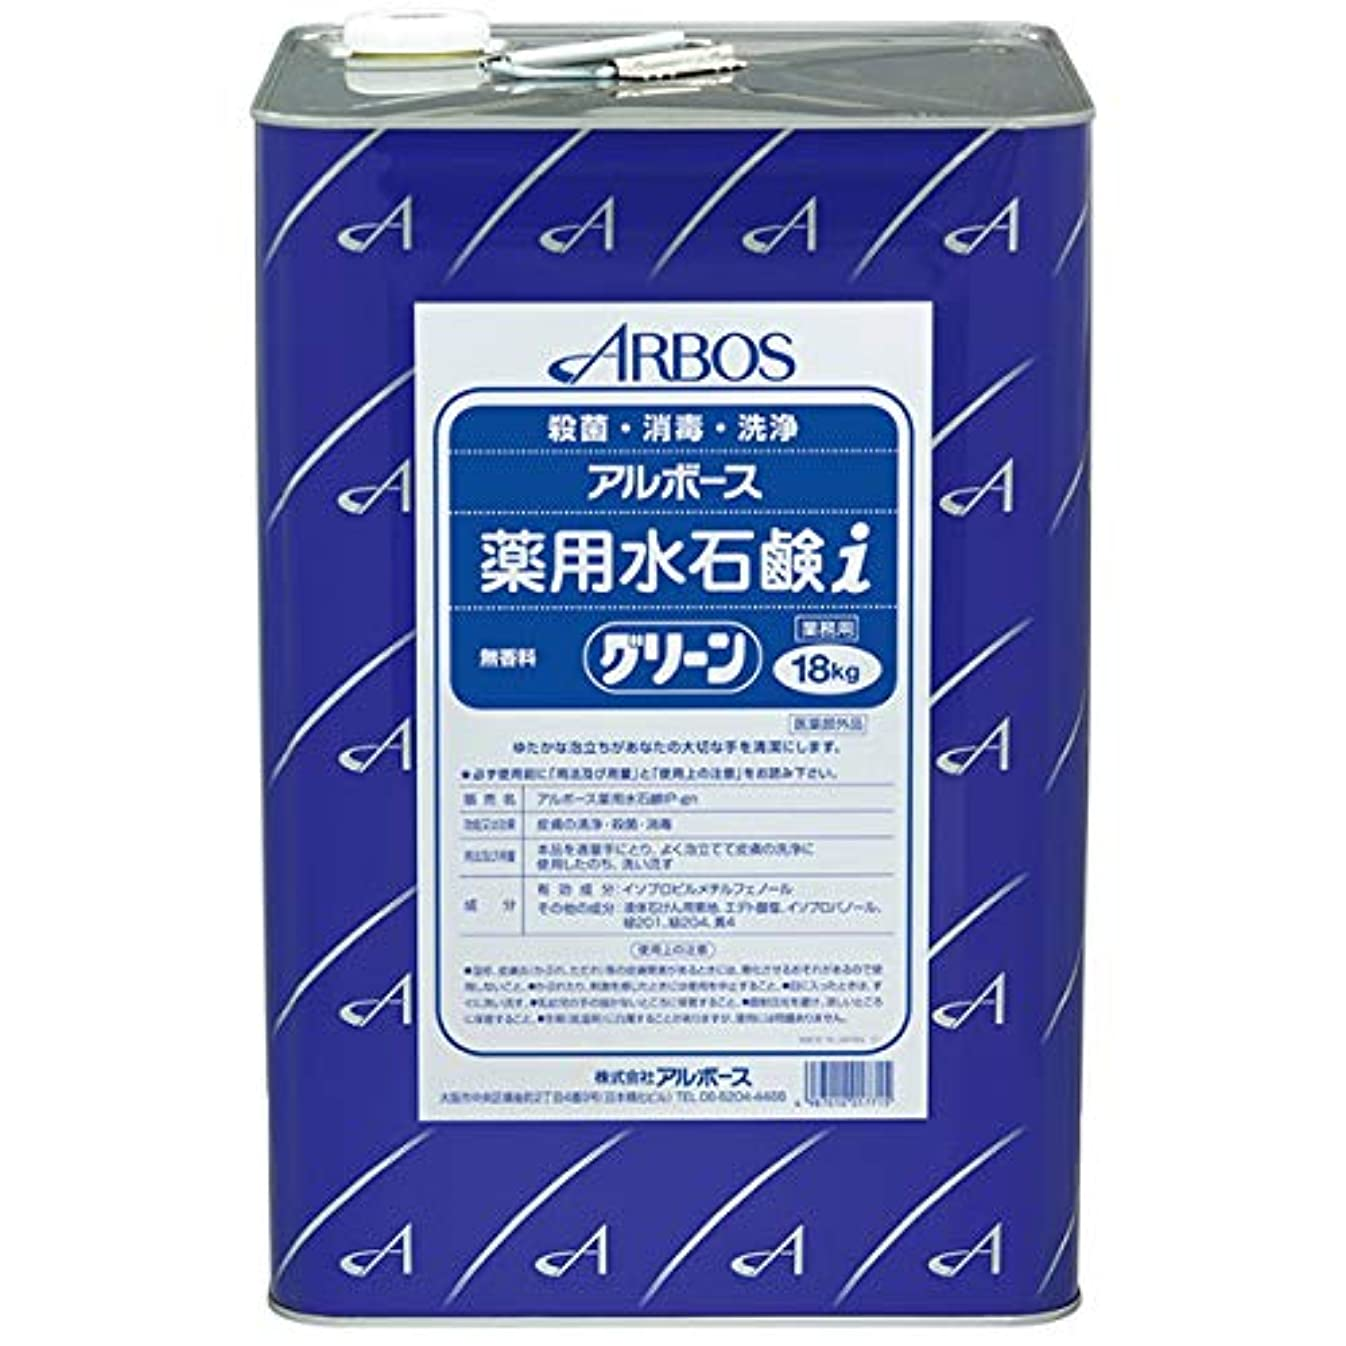 引退した雄大な挑発する【清潔キレイ館】アルボース薬用水石鹸グリーンi(18L)